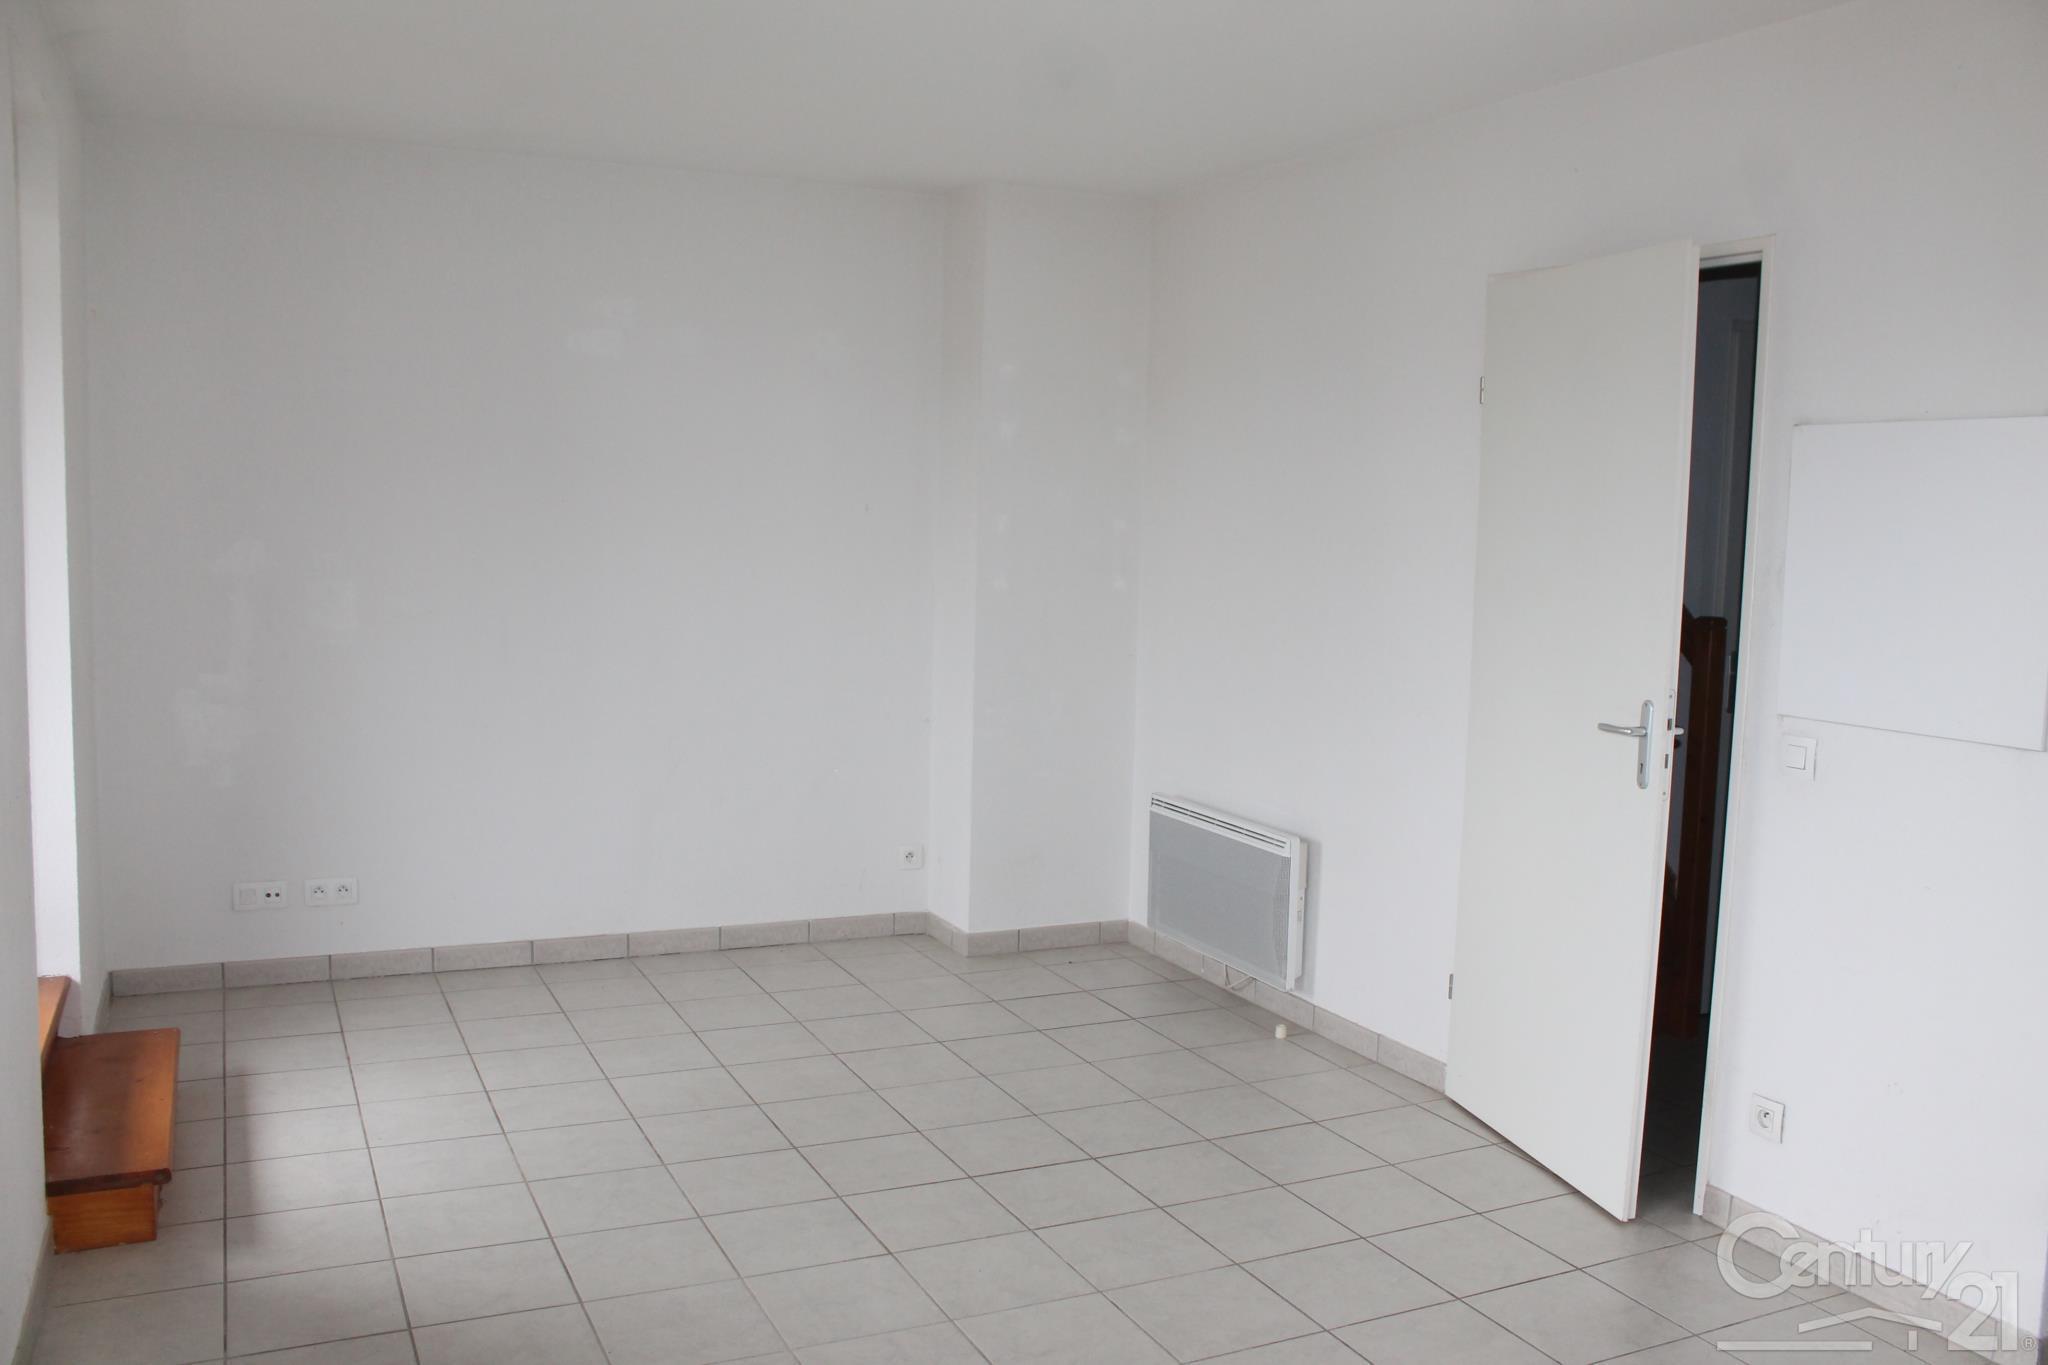 Appartement duplex à louer - 3 pièces - 52 m2 - SARLAT LA CANEDA - 24 - AQUITAINE